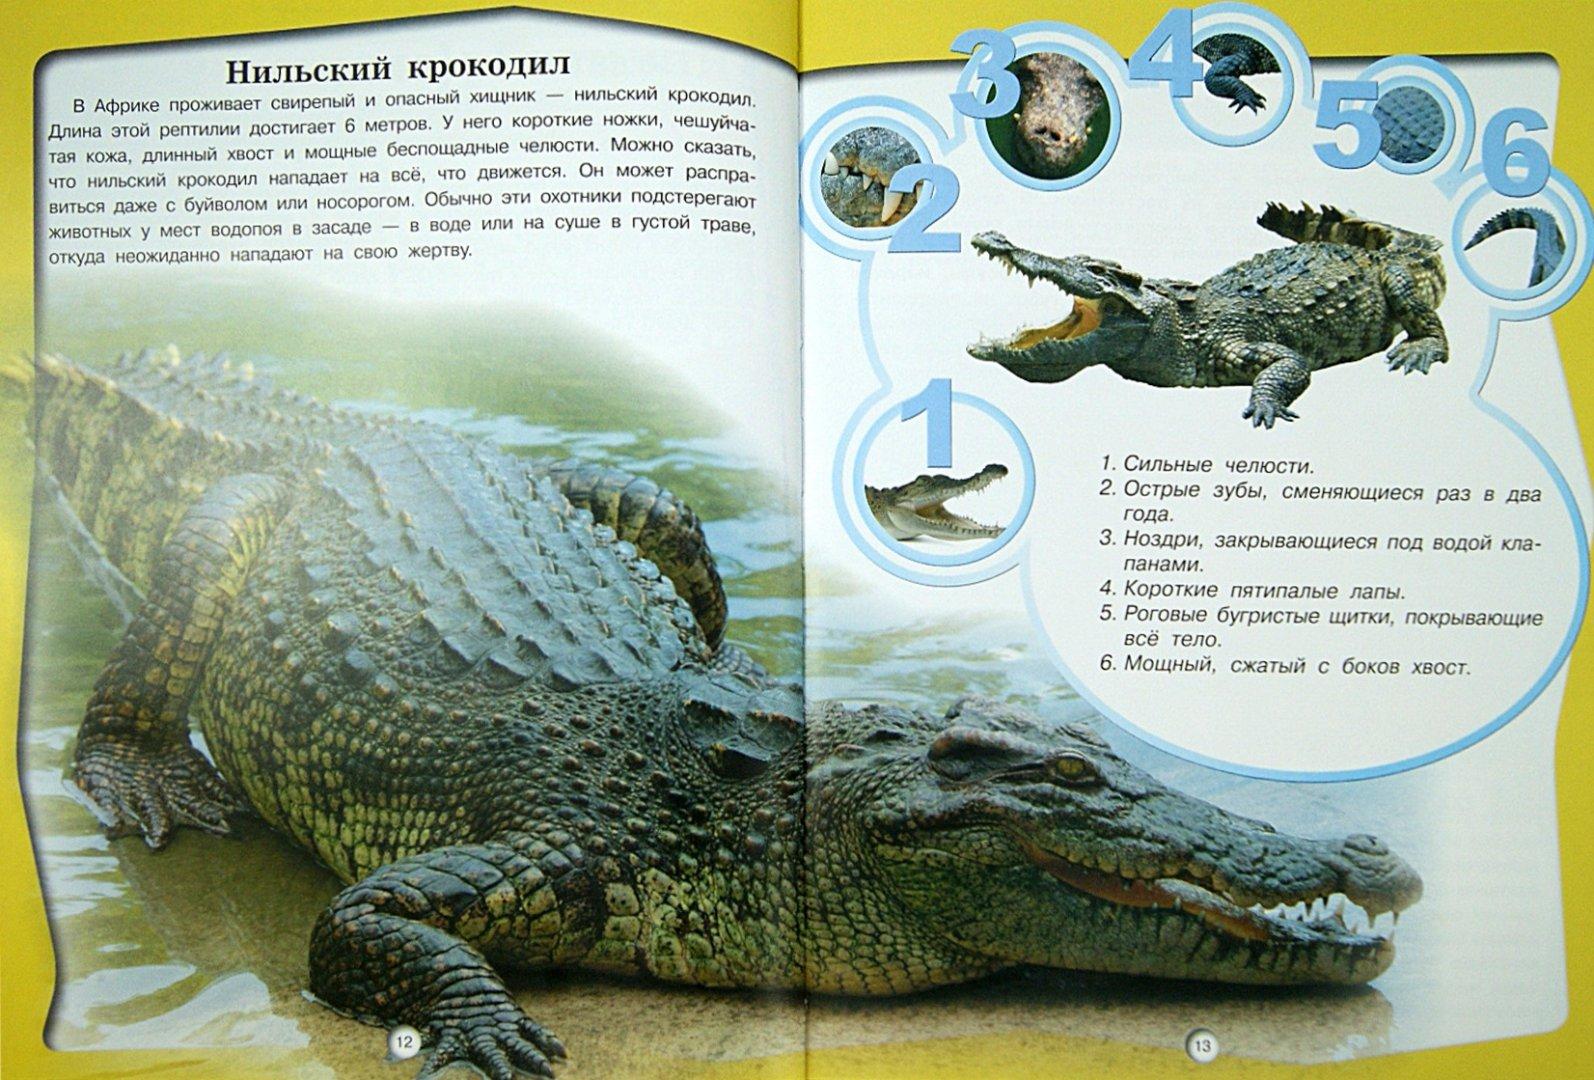 Иллюстрация 1 из 17 для Животные - Д. Кошевар   Лабиринт - книги. Источник: Лабиринт